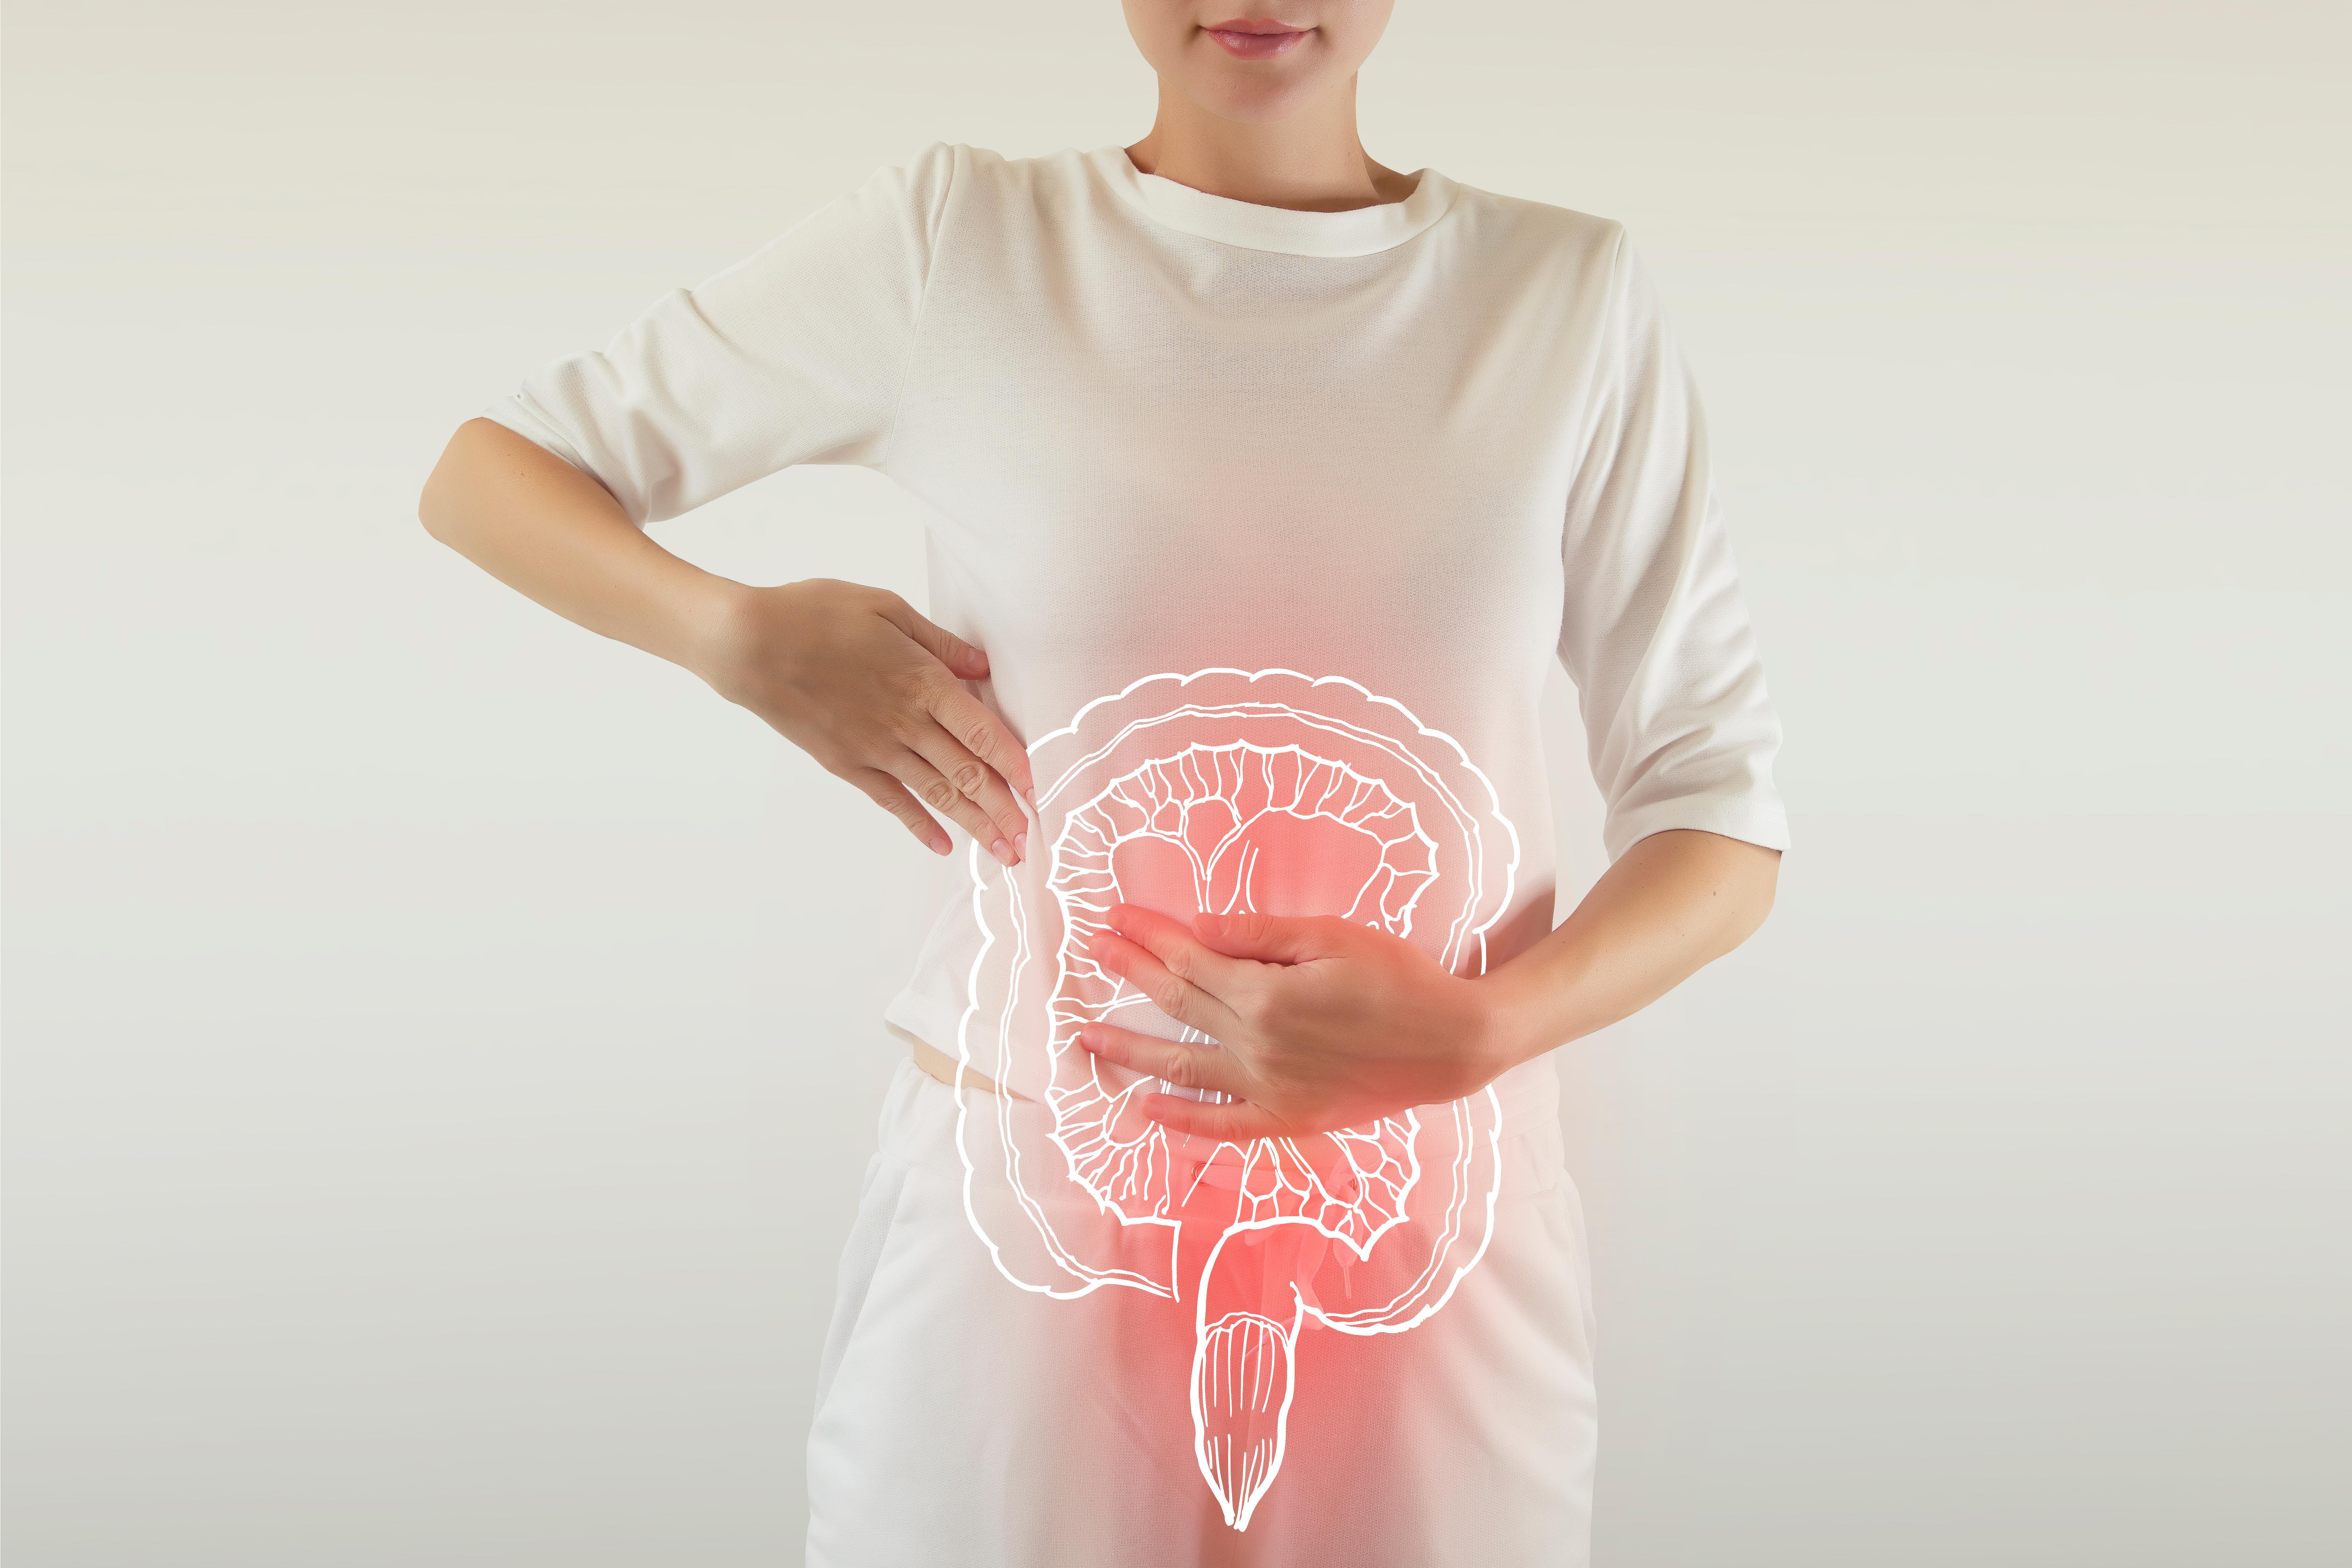 Cum se diferențiază prebioticele și ce înseamnă aportul de fibre vegetale pentru reglarea tranzitului intestinal?